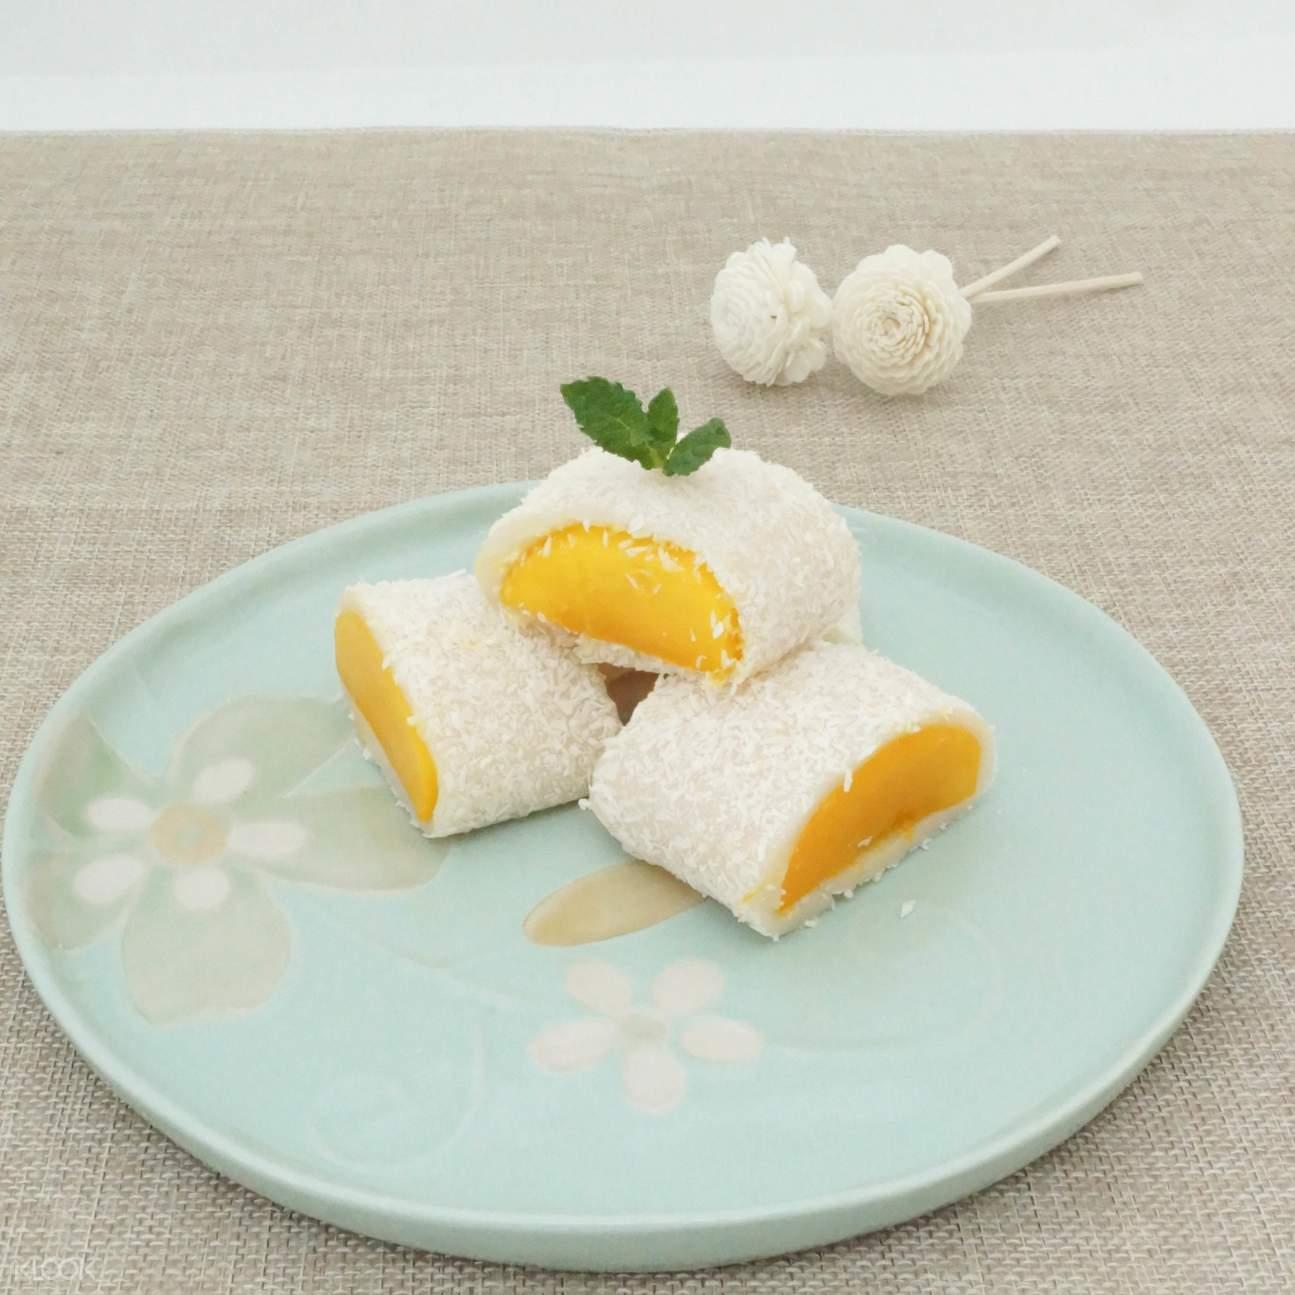 lucky dessert hong kong